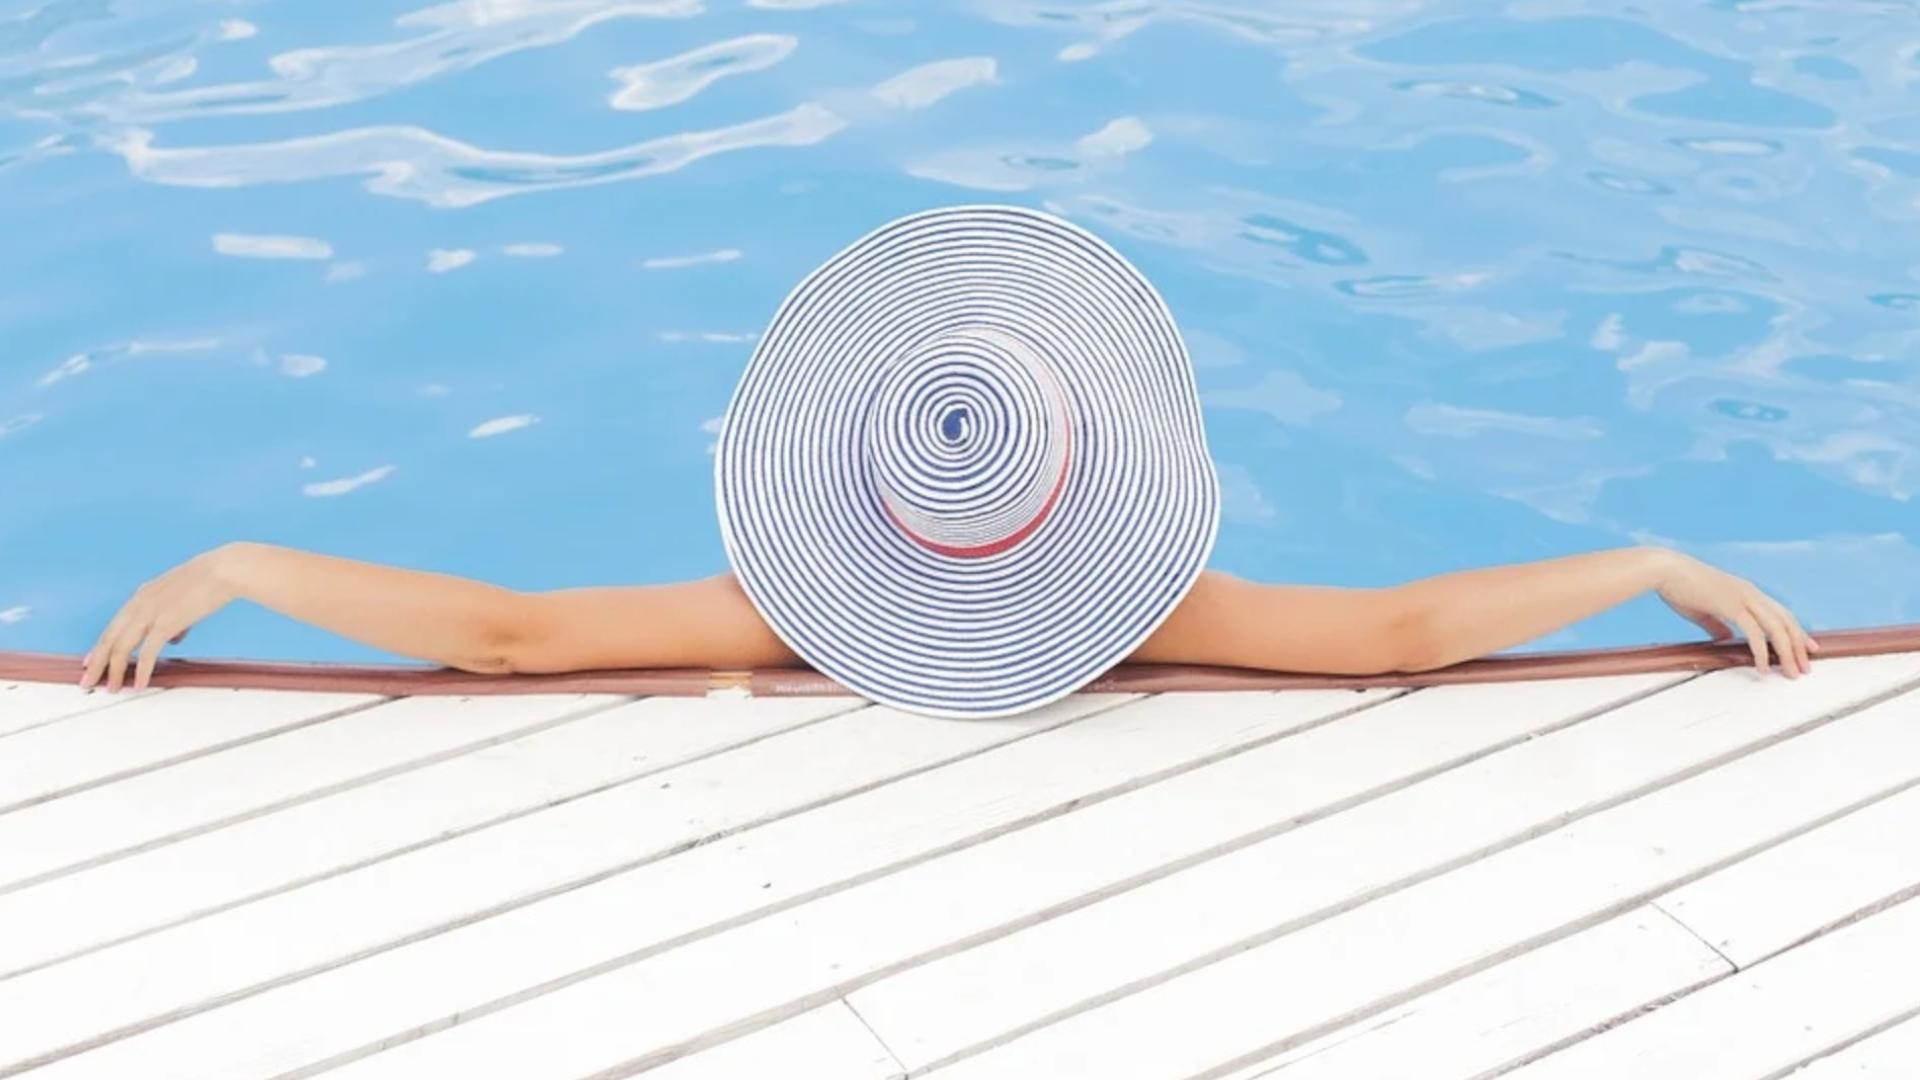 Um einen Pool winterfest zu machen, müssen Sie einige Vorbereitungen treffen.